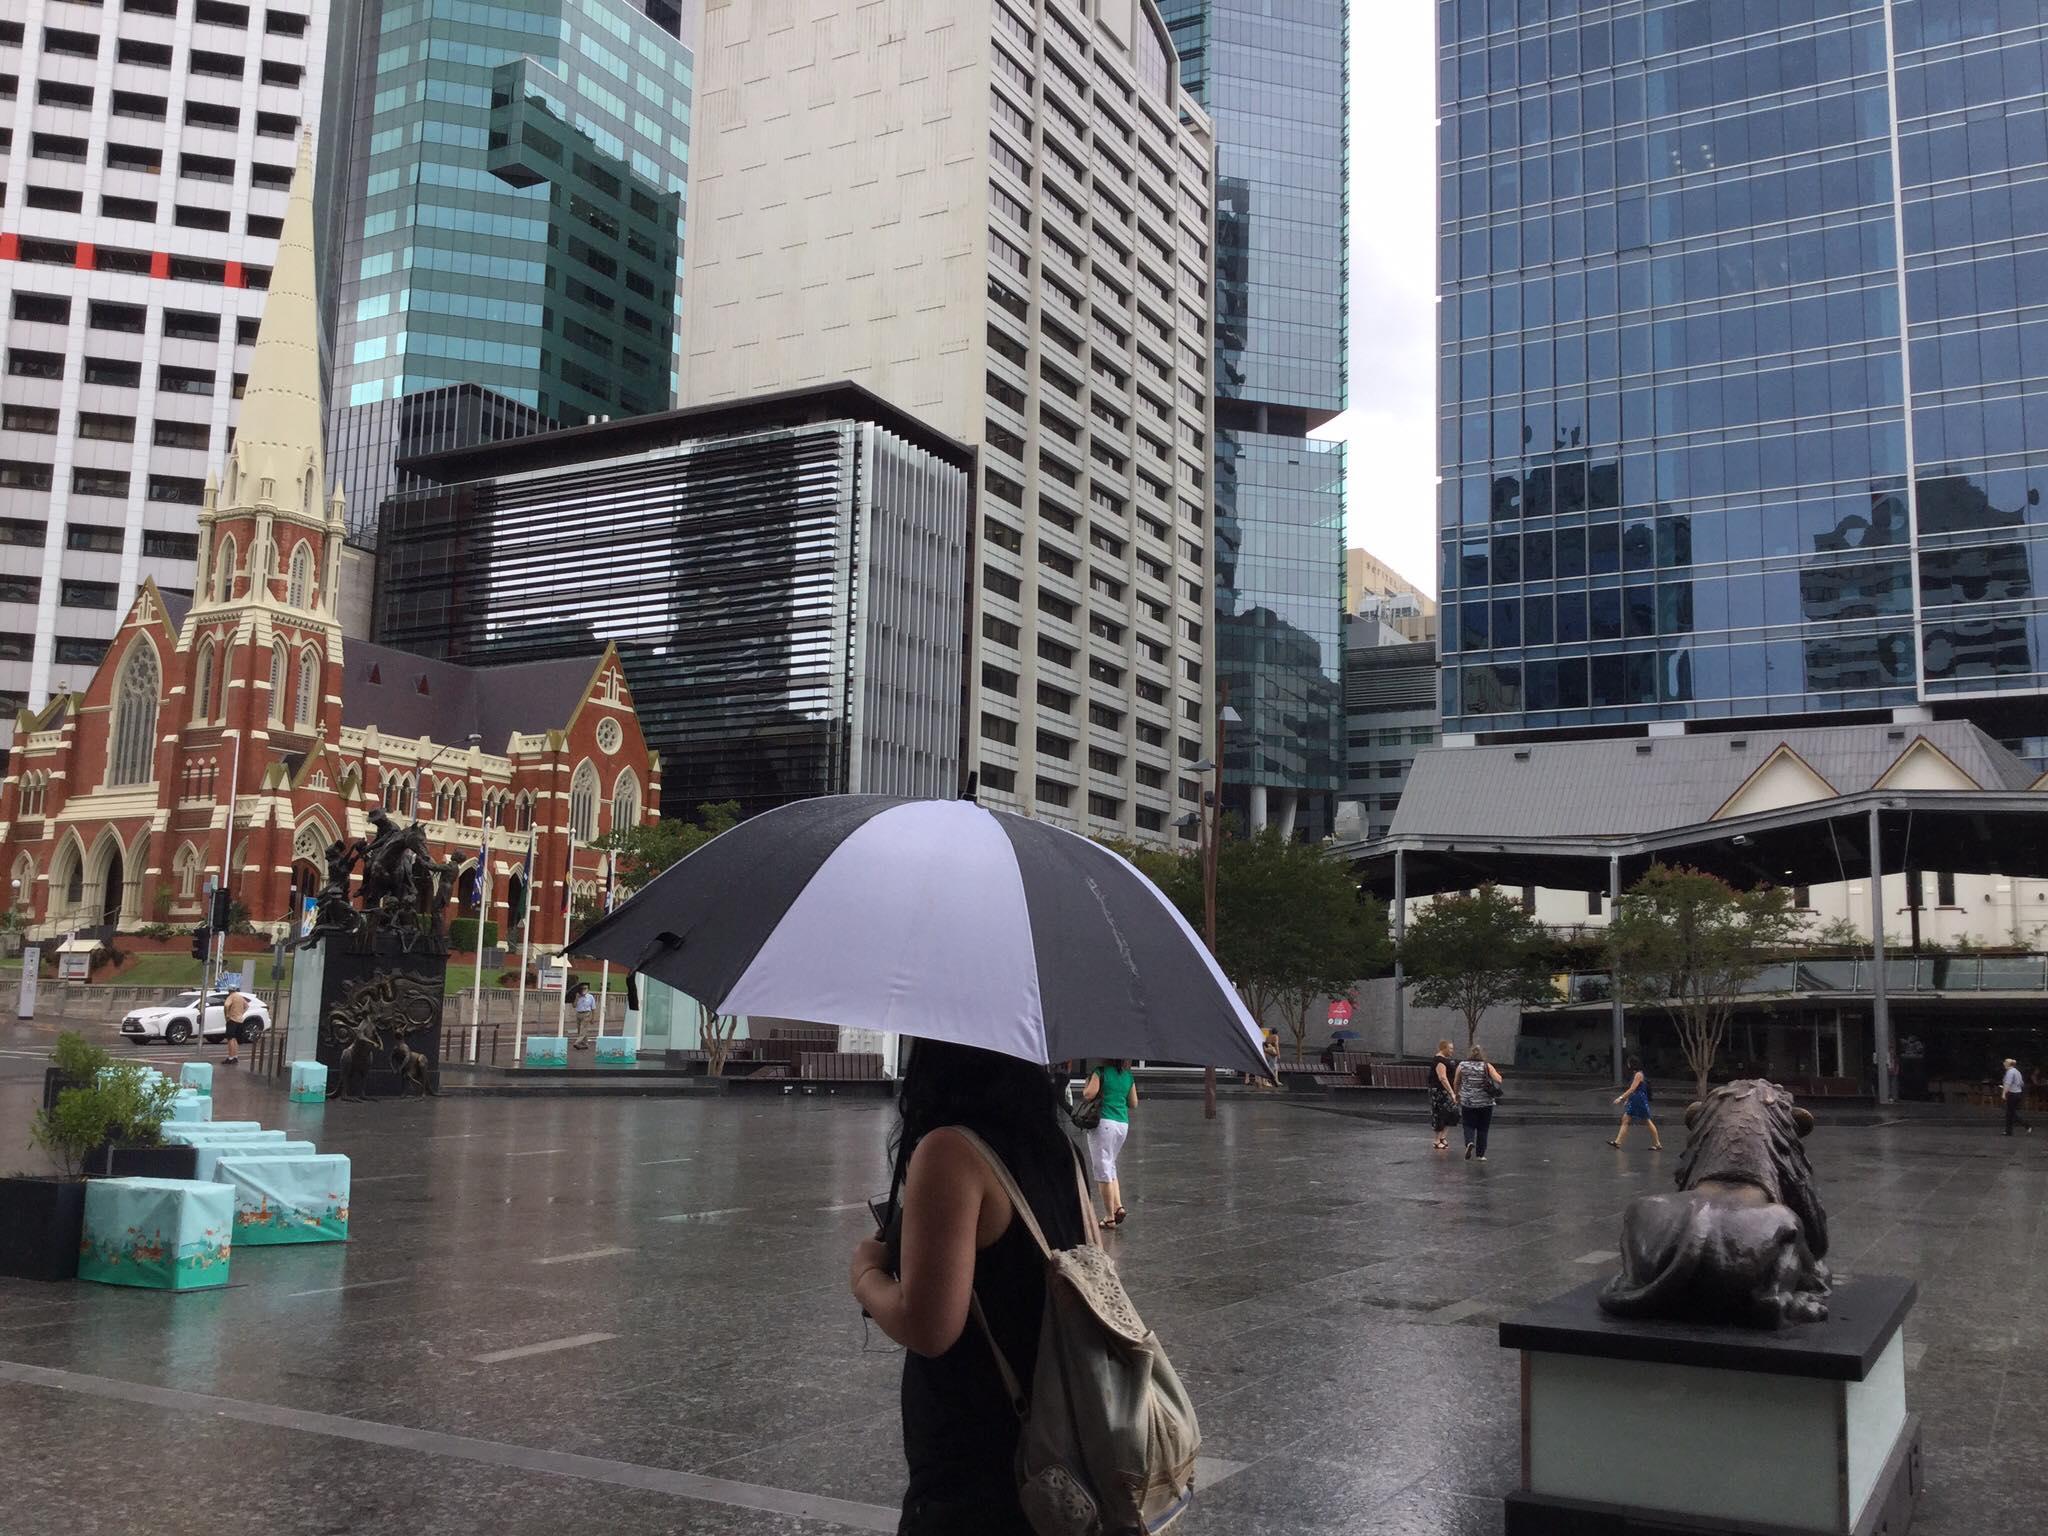 ชีวิตความเป็นอยู่ในประเทศออสเตรเลีย บทสัมภาษณ์น่าอ่านจากคนไทย